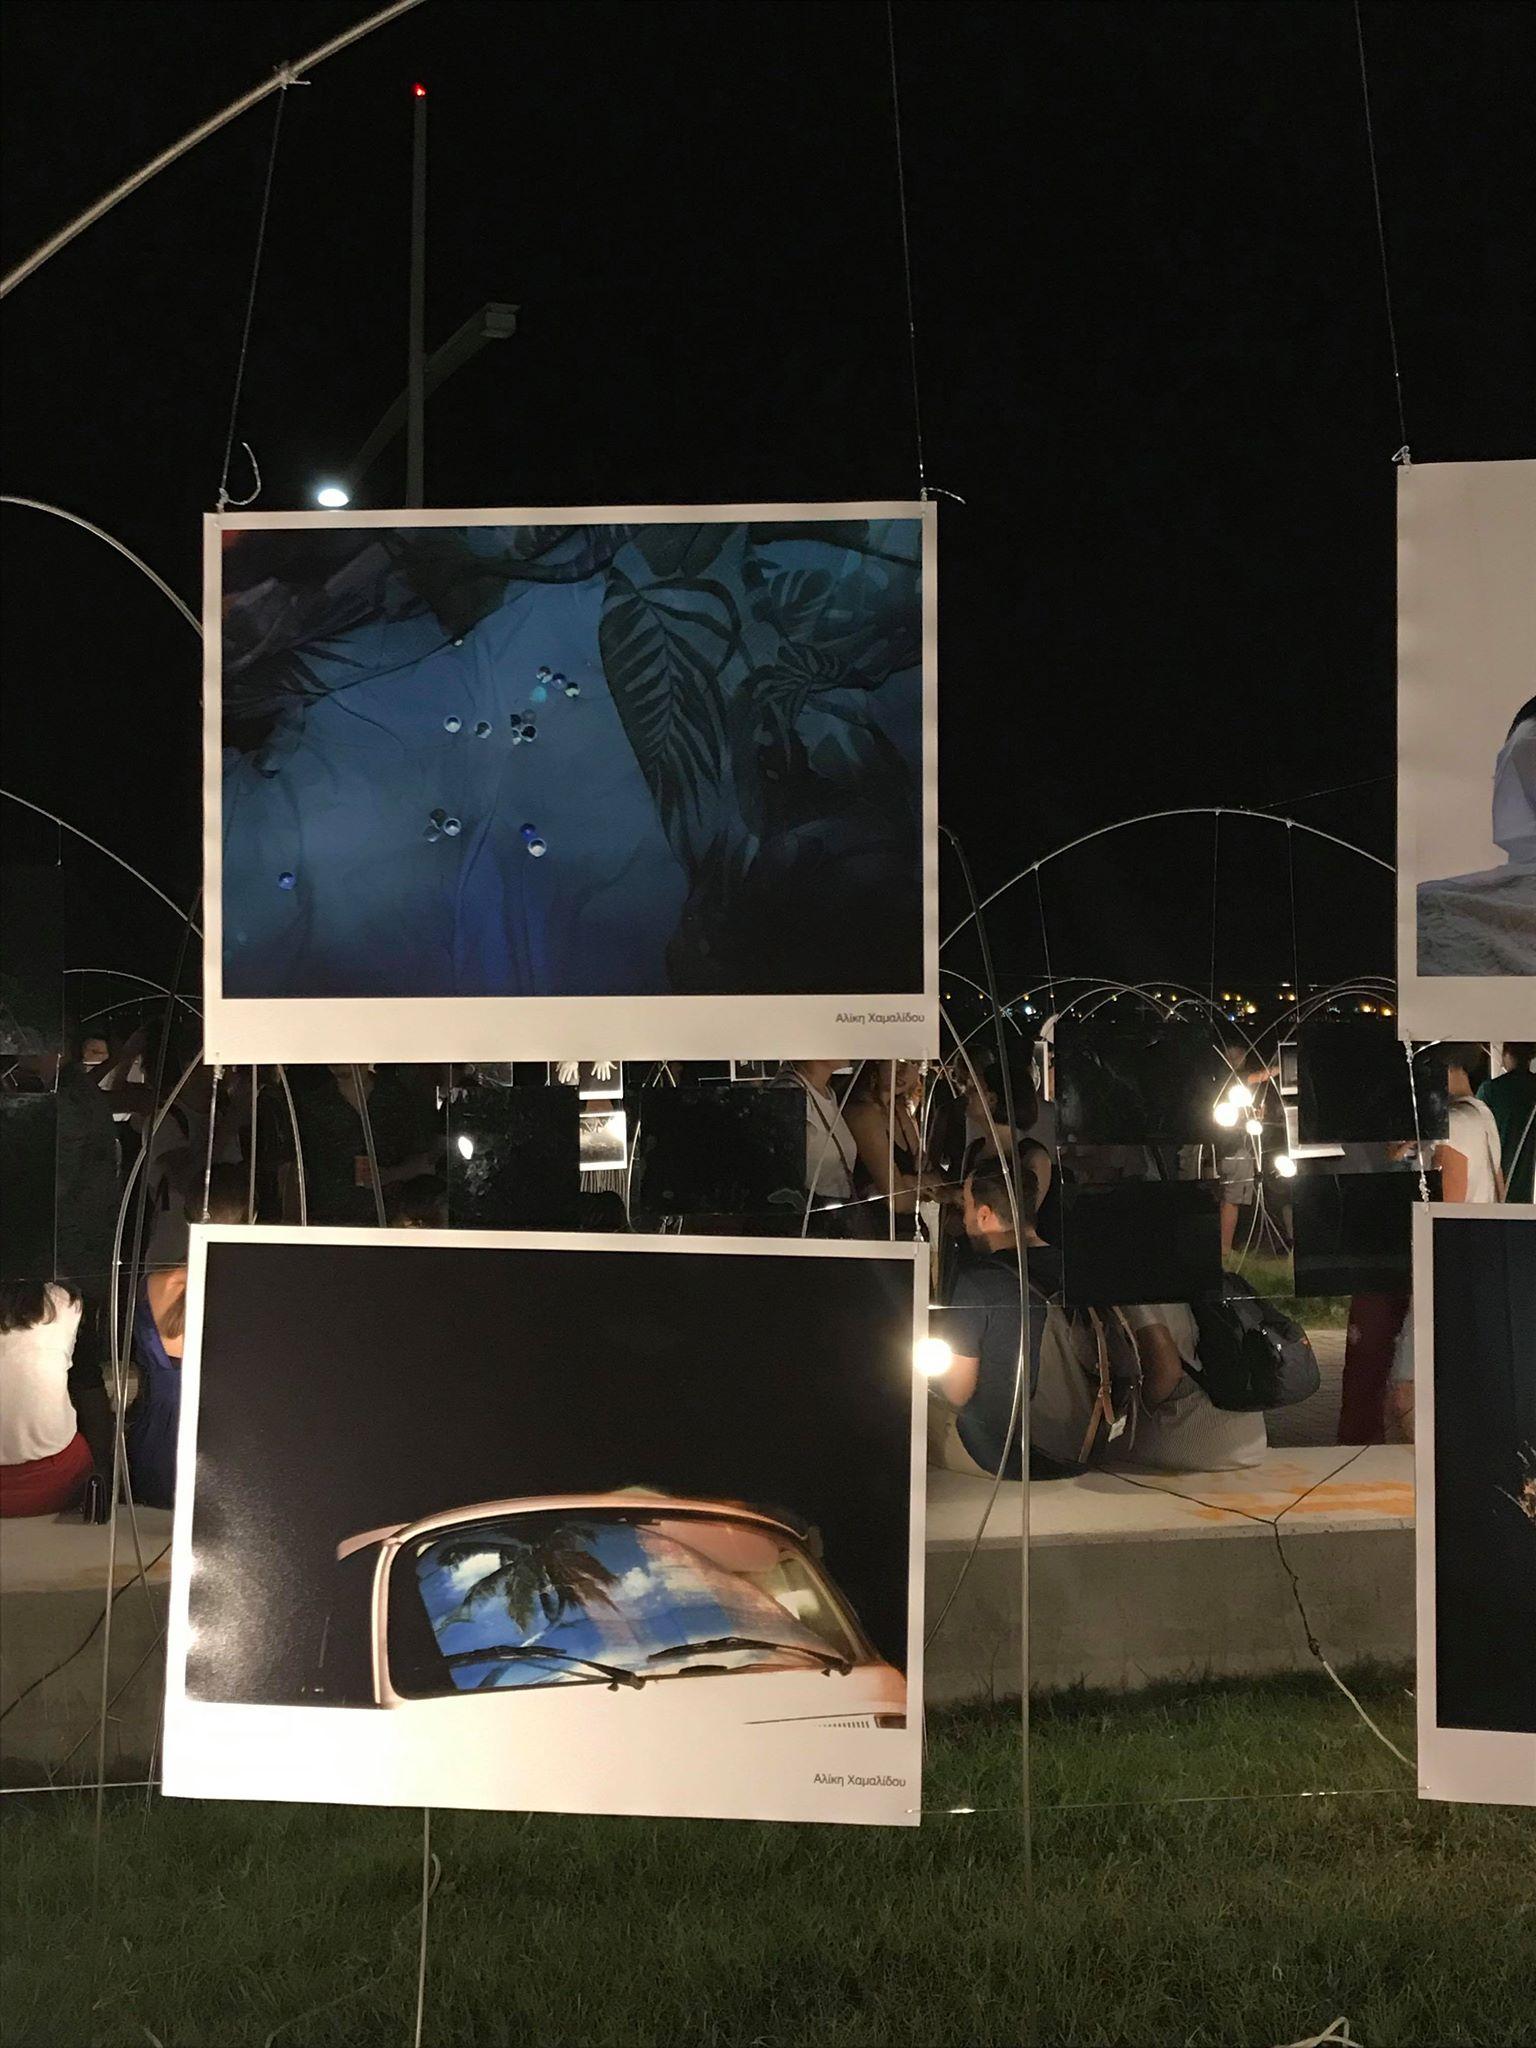 Βρεθήκαμε στη φωτογραφική έκθεση 99 Hours on View του Stereosis